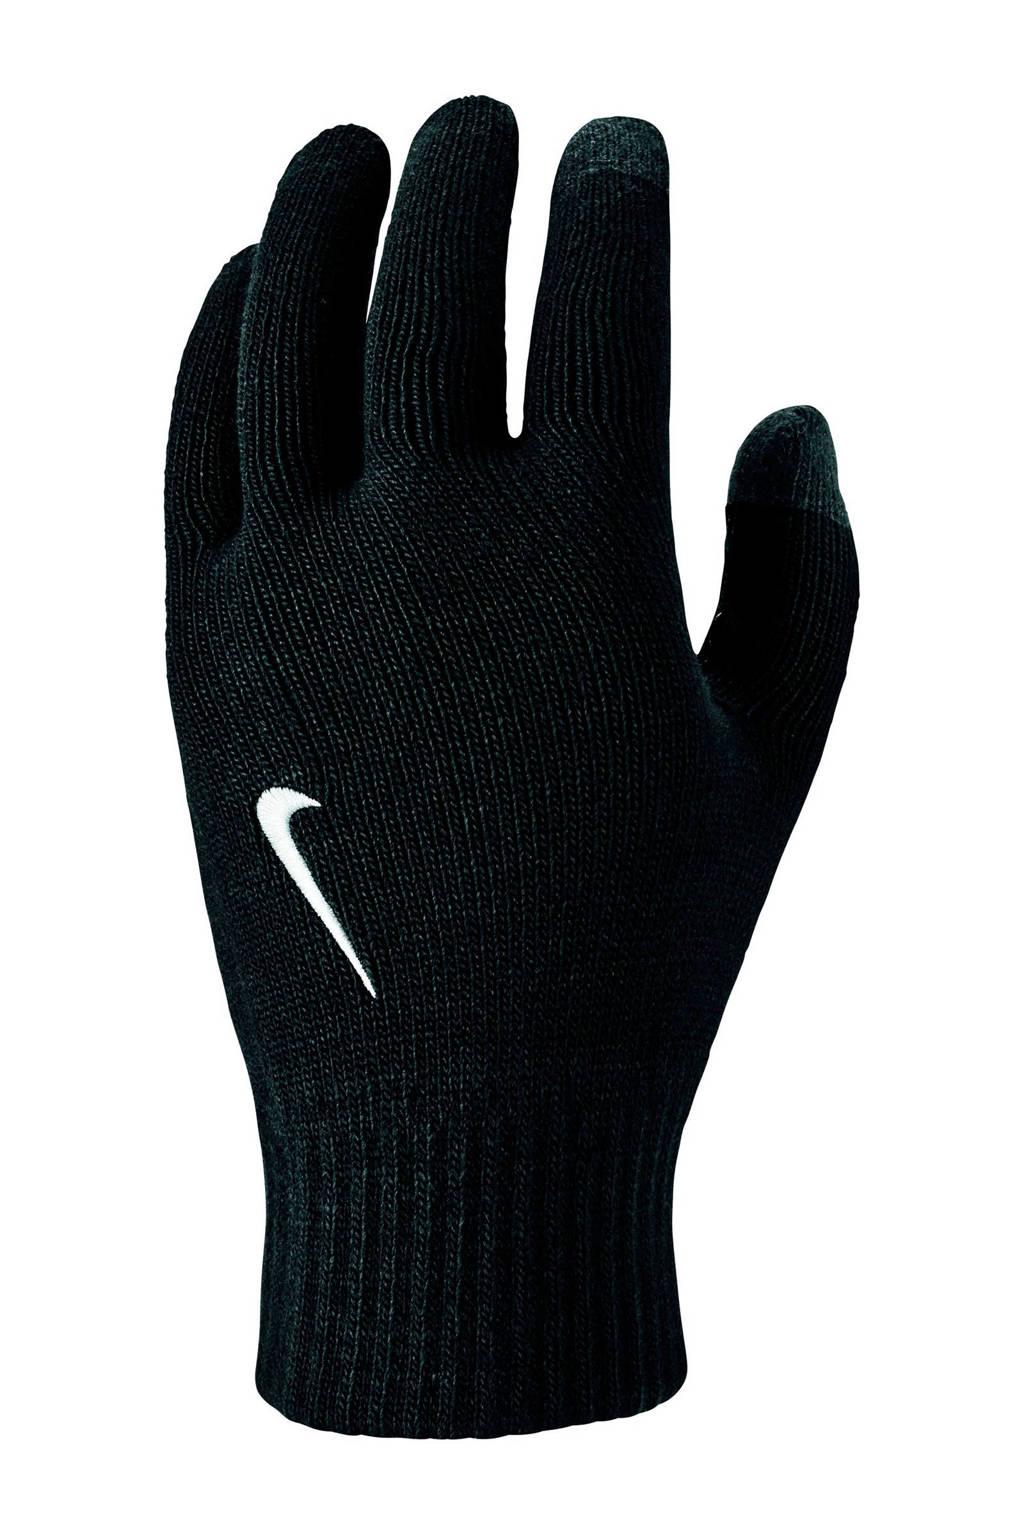 Nike   Knitted Tech & Grip Gloves handschoenen zwart, Zwart